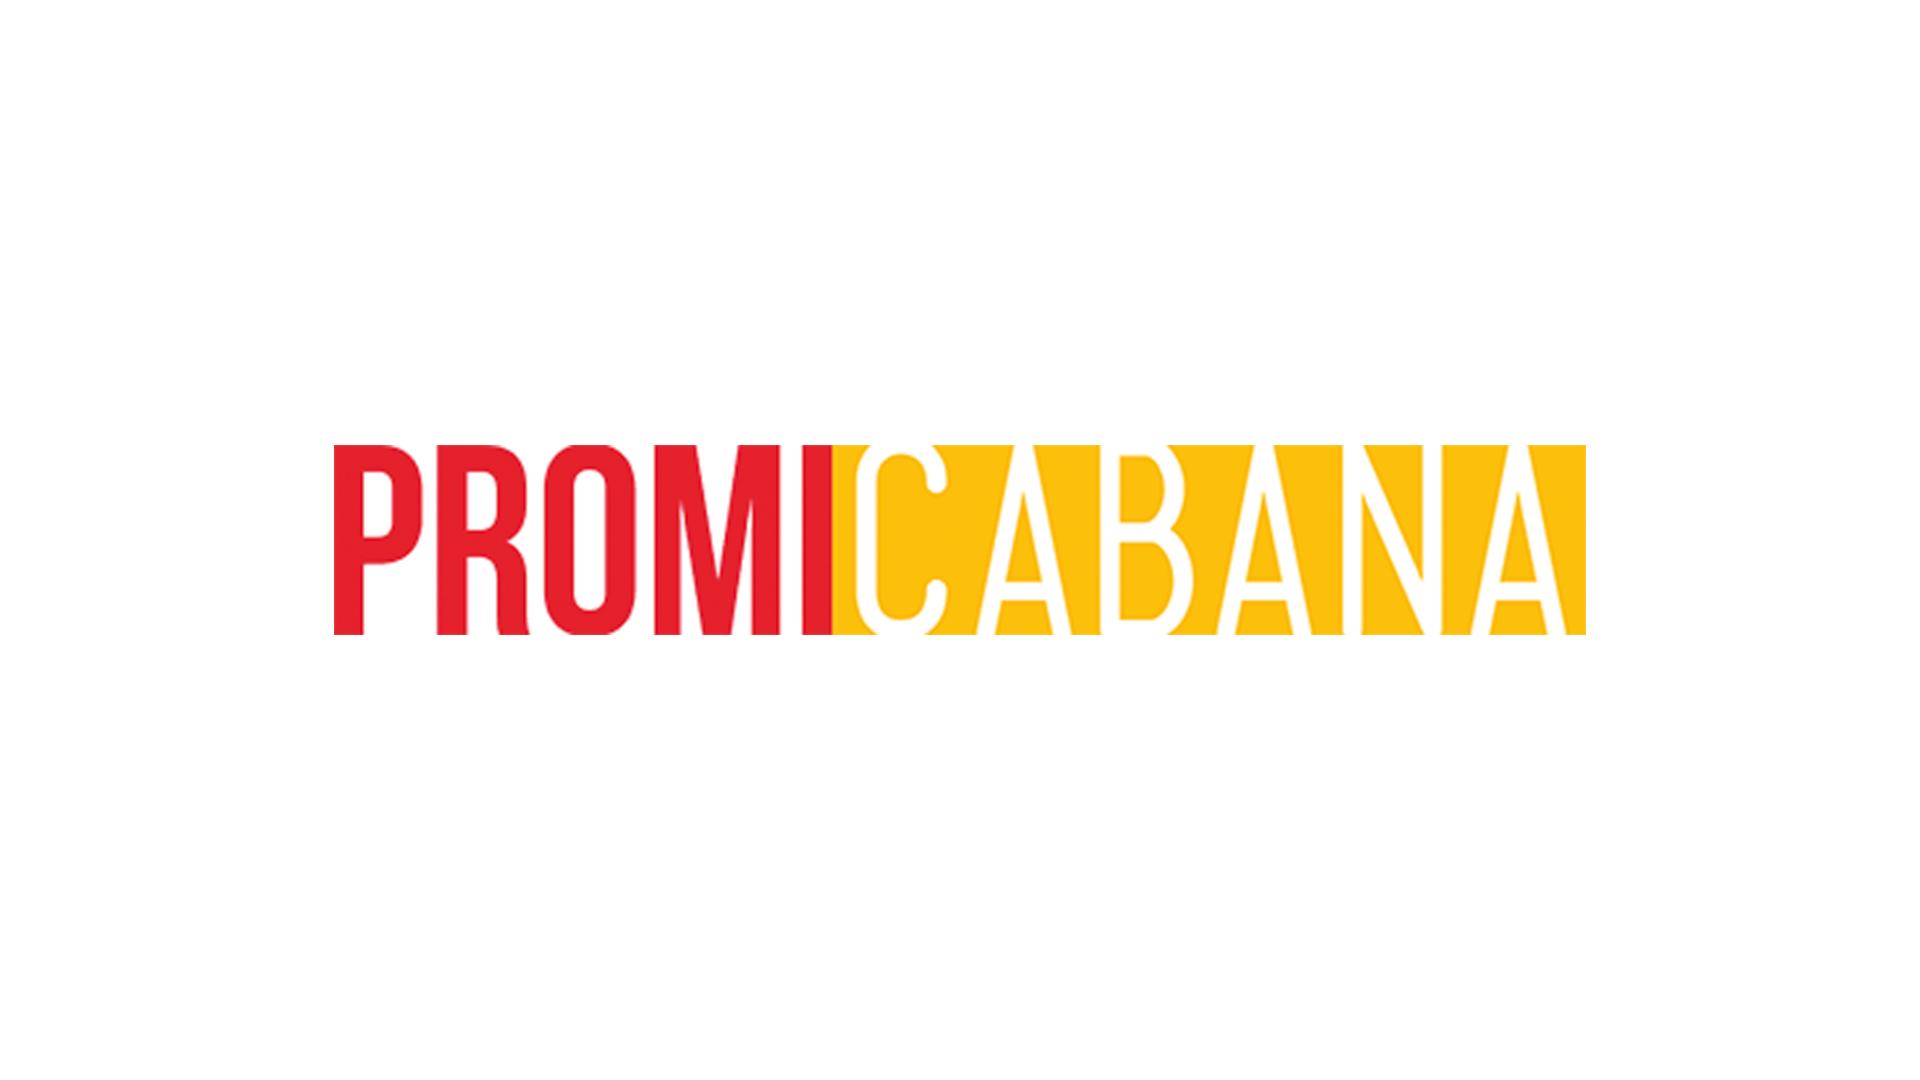 George-Lukas-Star-Wars-Disney